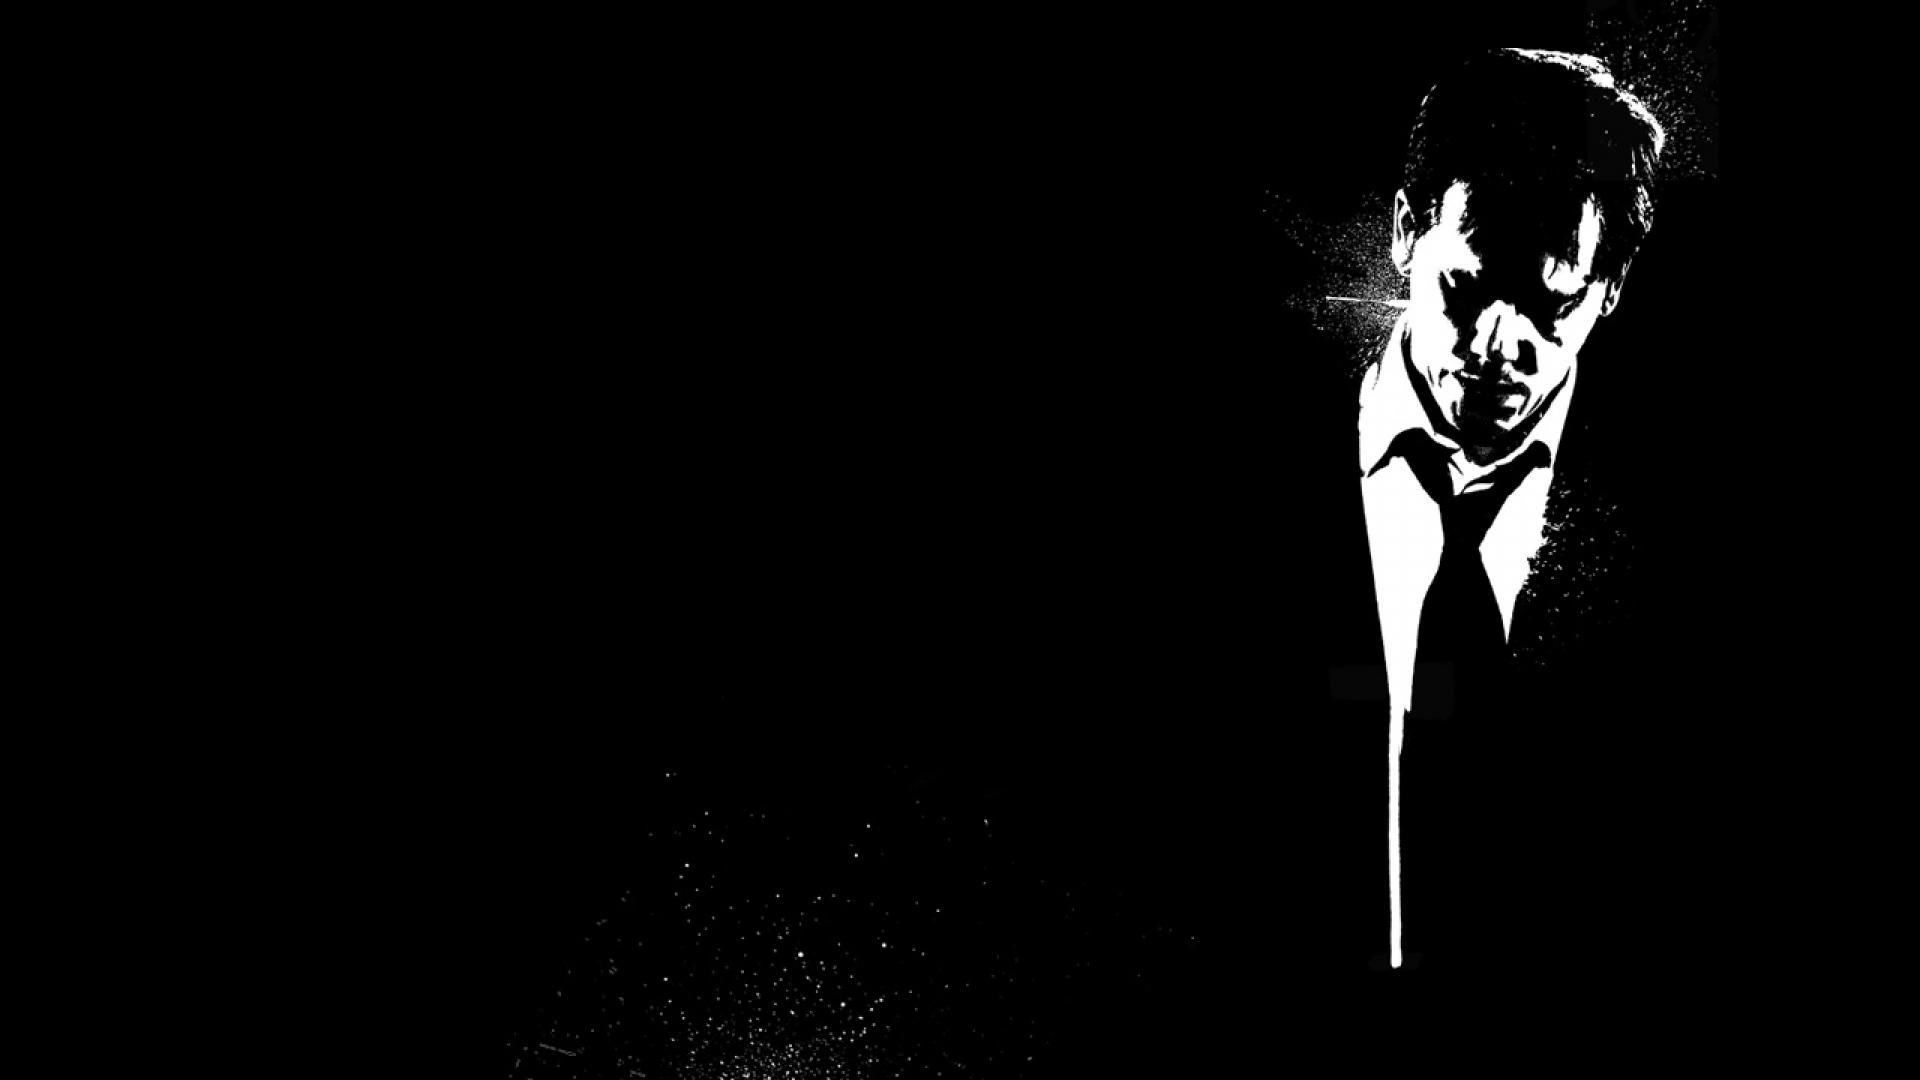 Download Wallpaper 1920x1080 Death Sentence Bw Black White Man